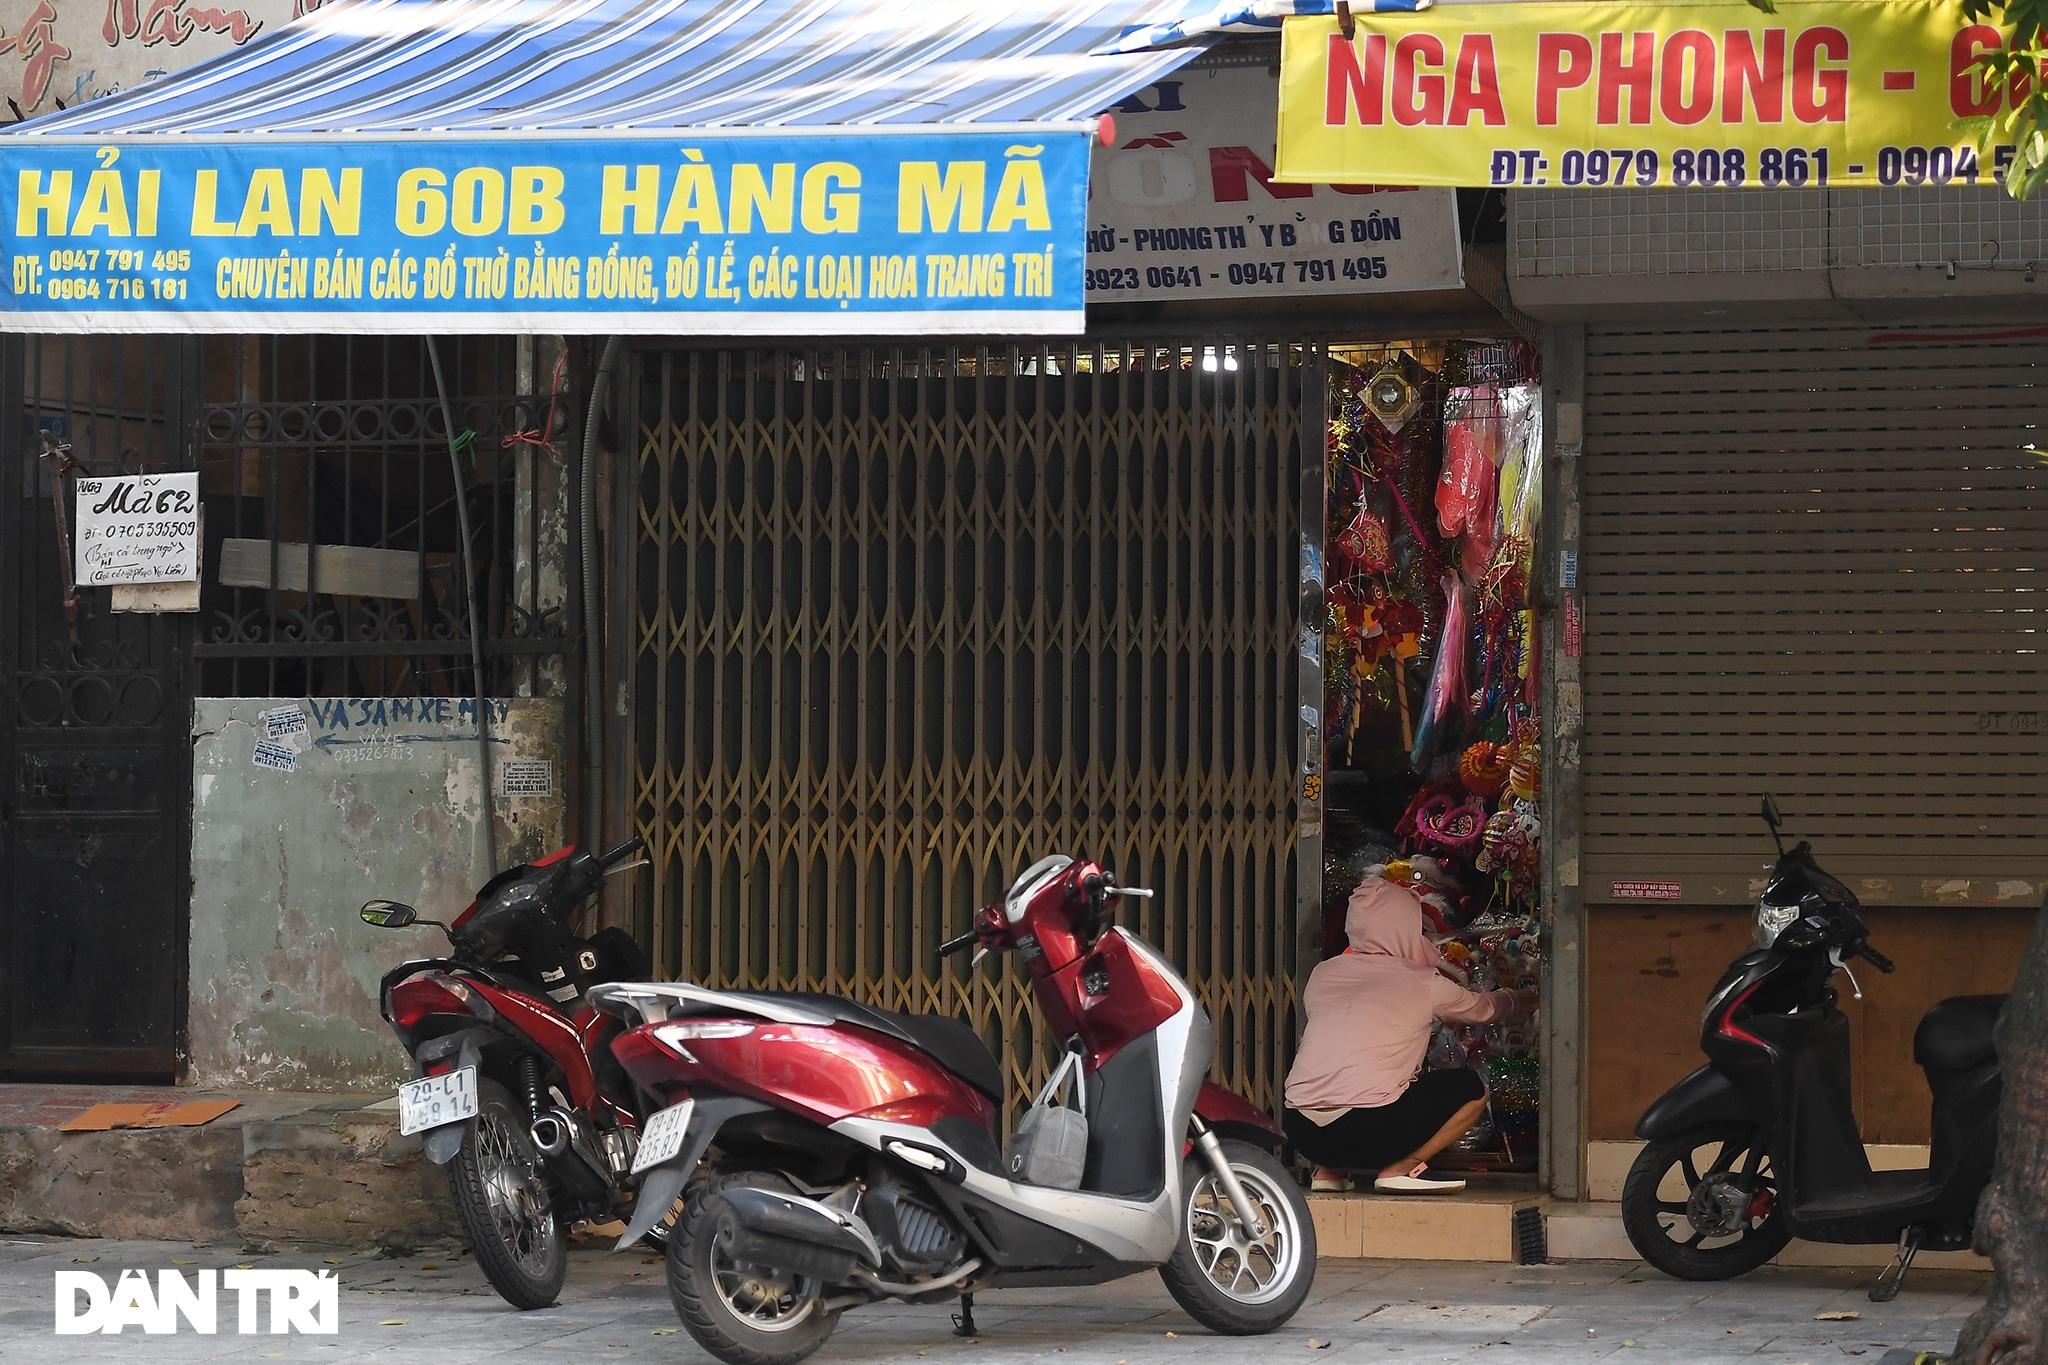 Muôn kiểu cửa khép hờ bán đồ chơi Trung thu ở Hàng Mã - 5